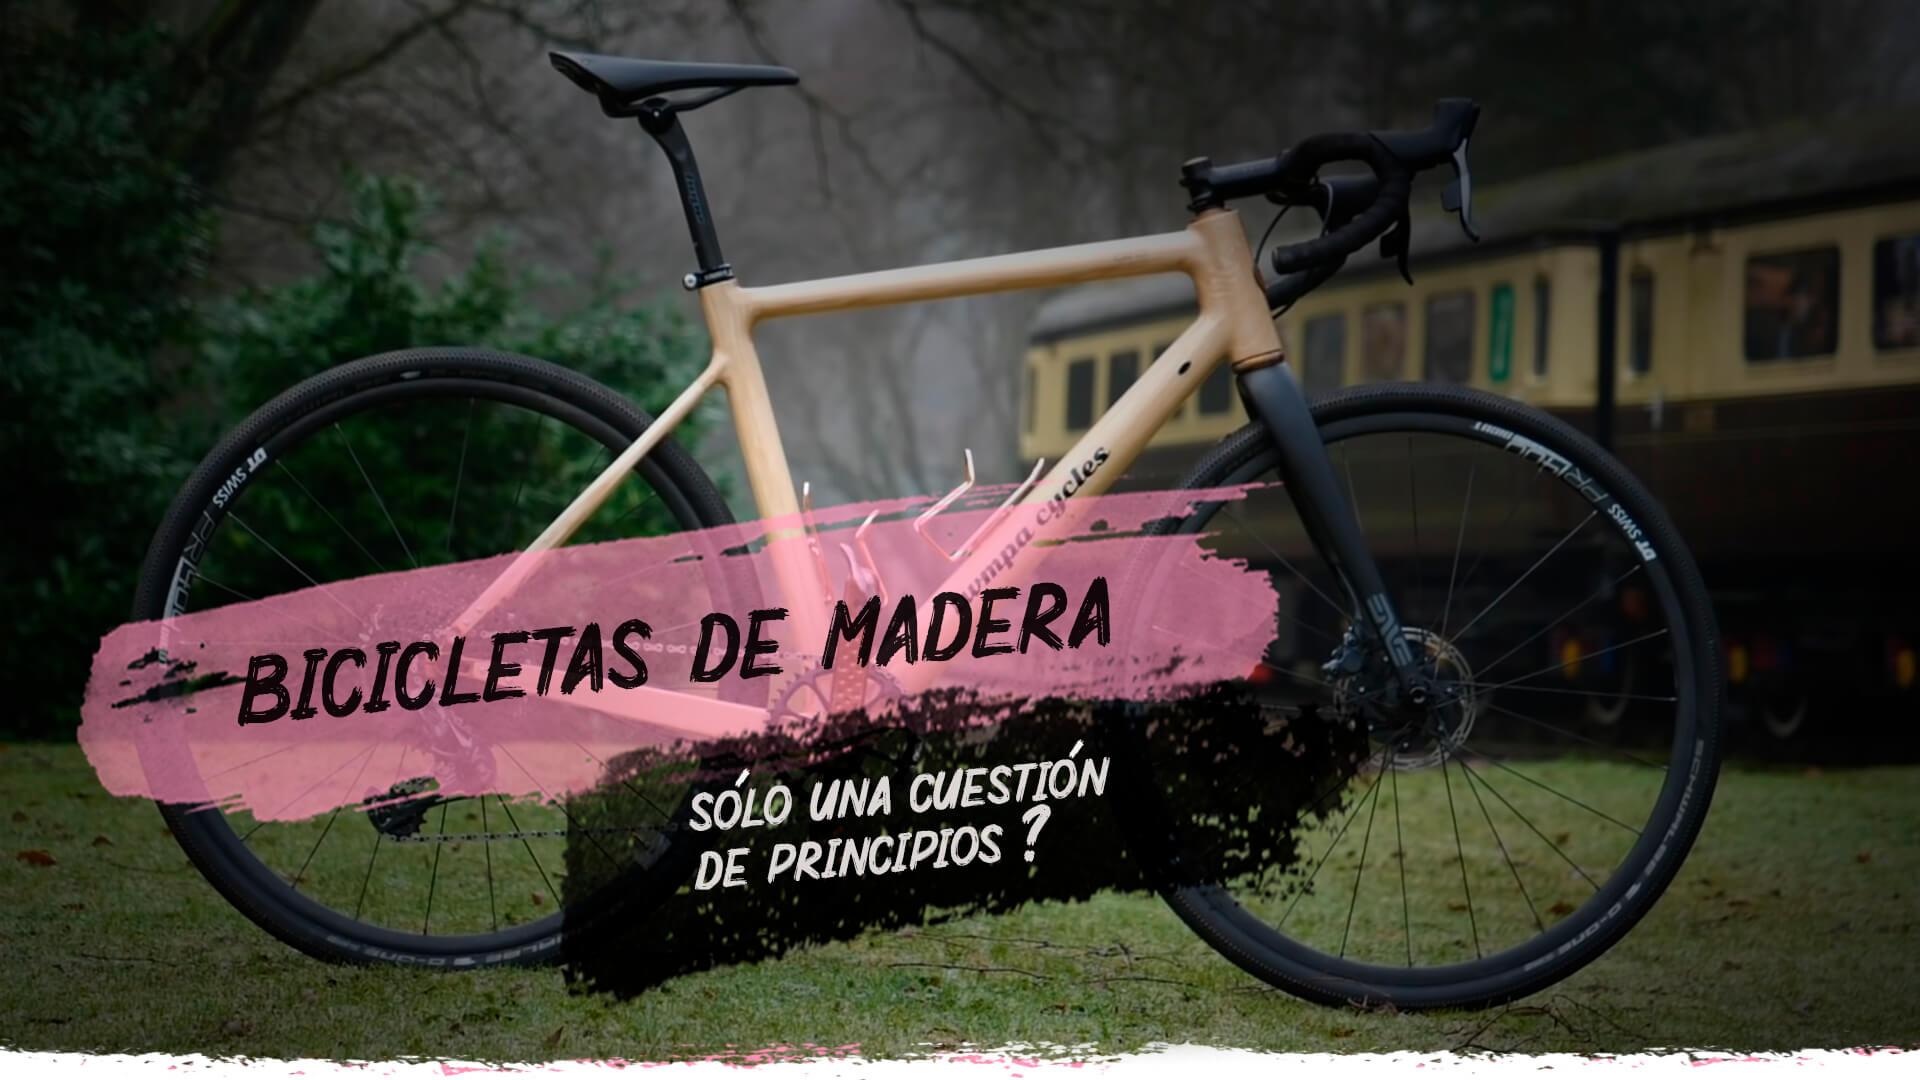 BICICLETAS DE MADERA, UNA OPCIÓN REAL?